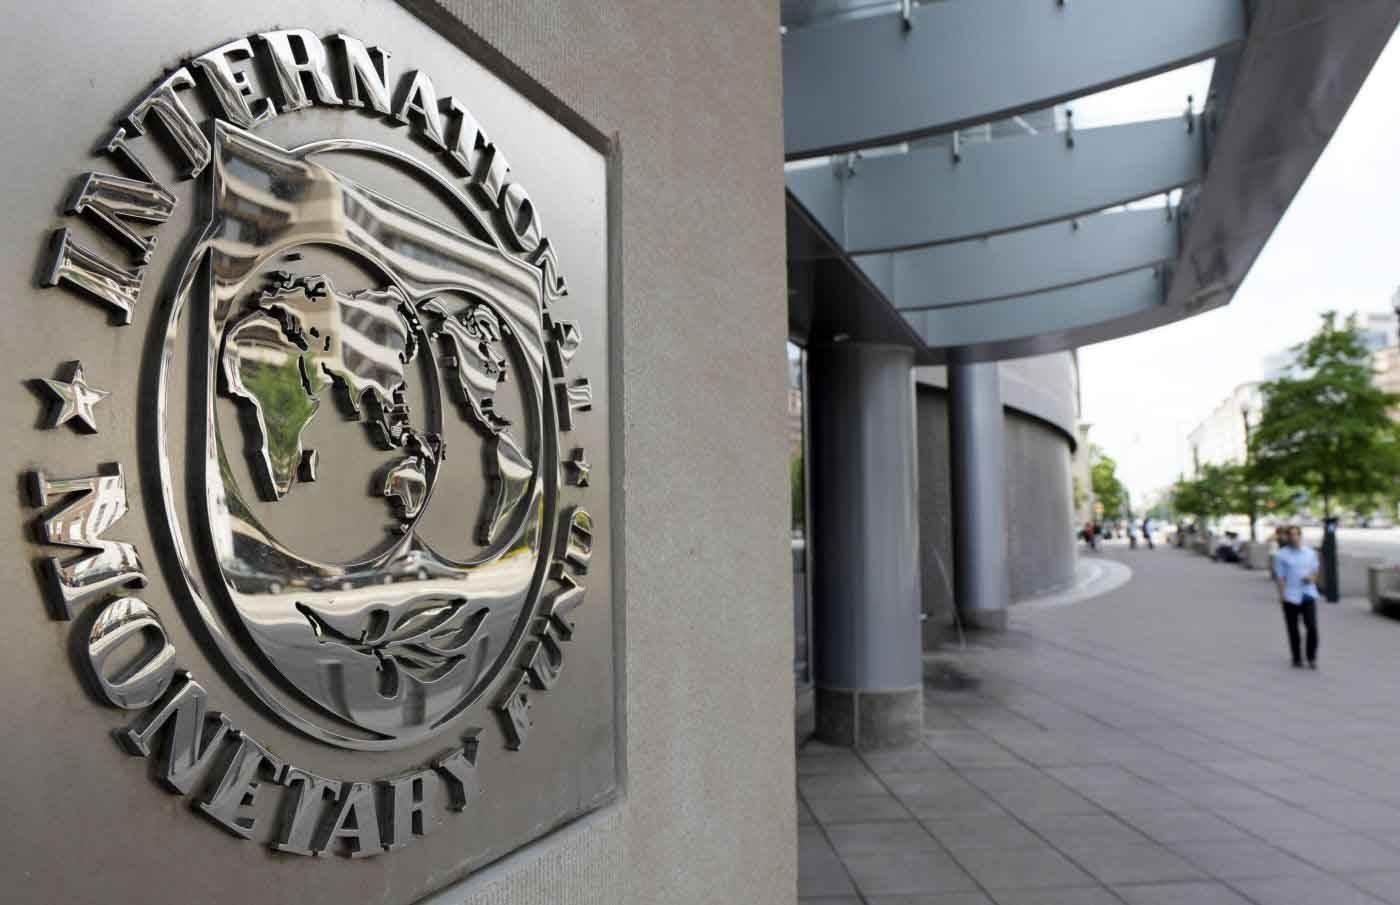 صندوق النقد الدولي: سيستغرق الأمر فترة أطول لإصلاح الاقتصاد والعودة إلى مستويات ما قبل الجائحة